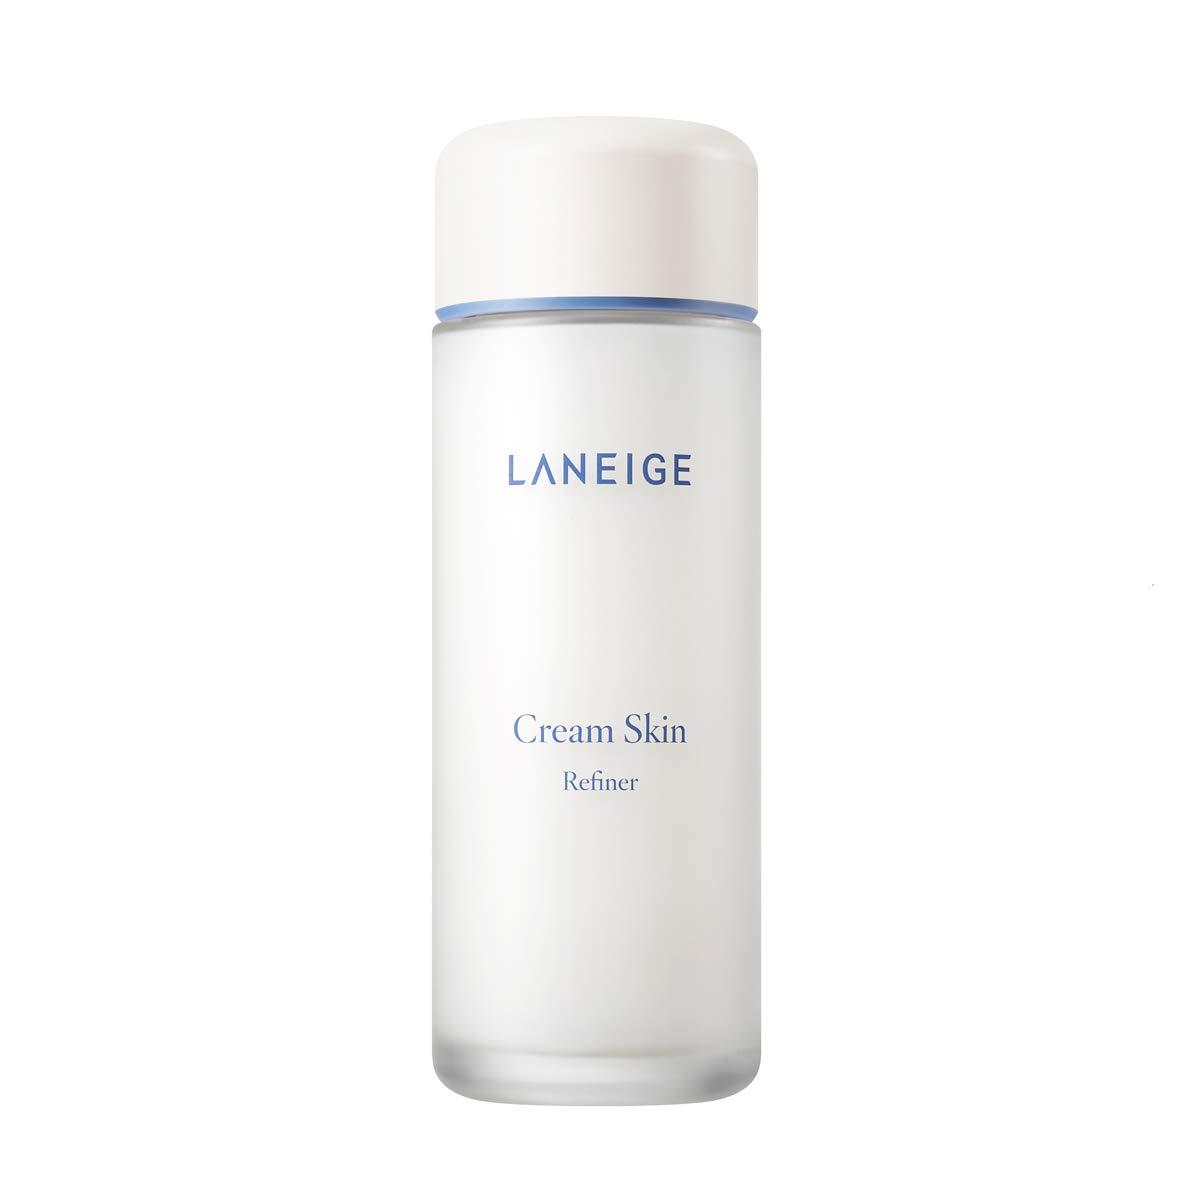 [LANEIGE] Cream Skin Refiner150ML '2018.11 NEW +Angel's liquid Mask pack1ea+k-packet shipping by LANEIGE